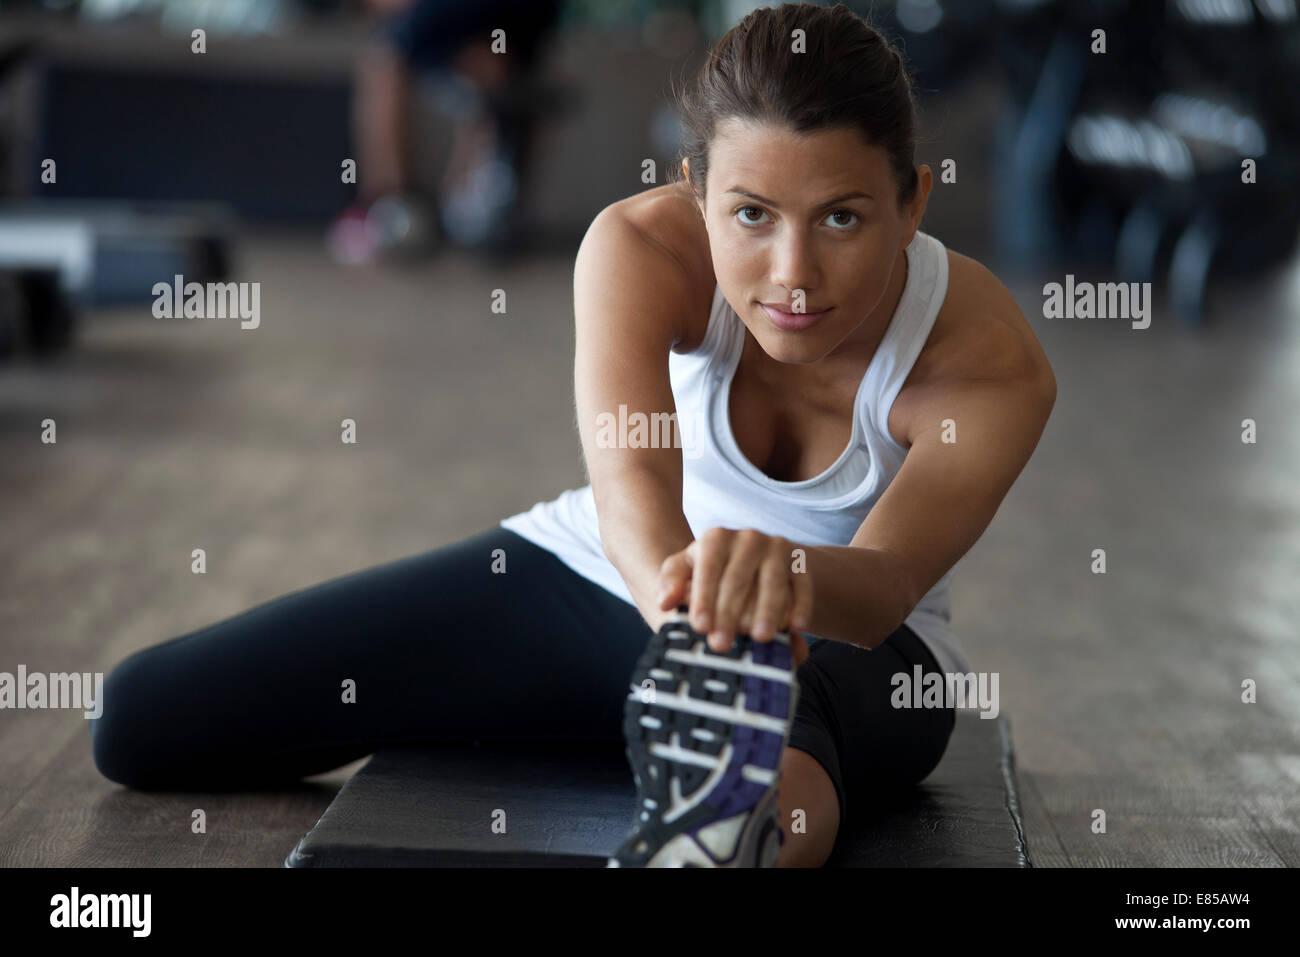 Donna alla palestra di riscaldamento alla gamba si allunga Immagini Stock